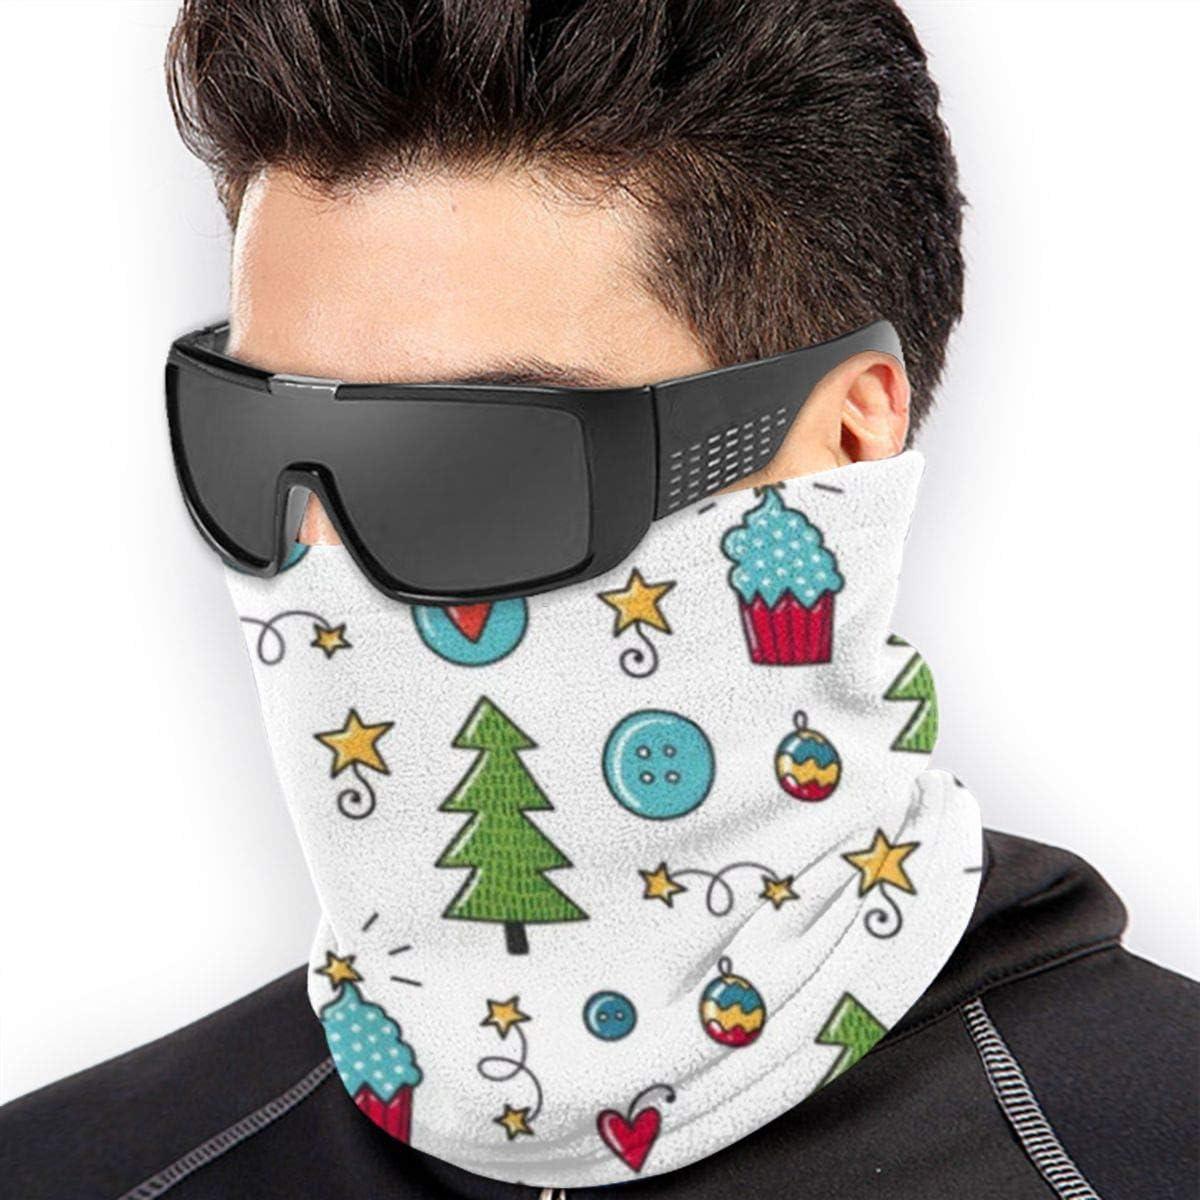 WENTS Sciarpa Multifunzionale Maschera Unisex In Micropile Resistente al Pilling Resistente al Vento per Motociclisti da Corsa a Piedi 2 Pezzi